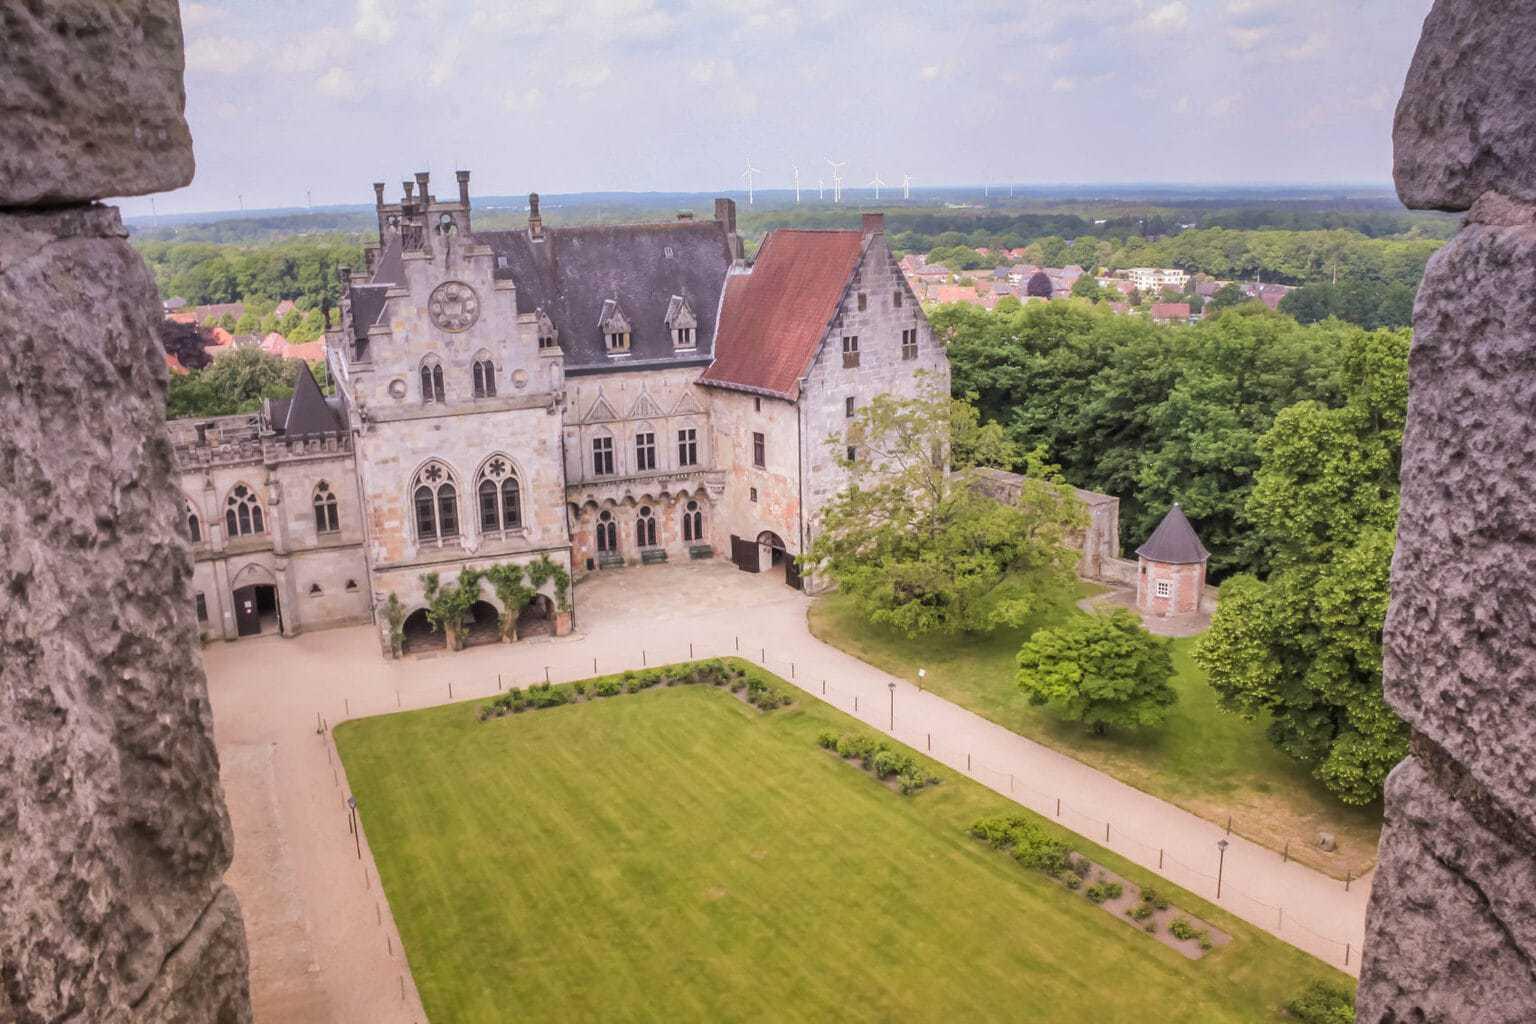 De burcht in Bad Bentheim vanuit de lucht